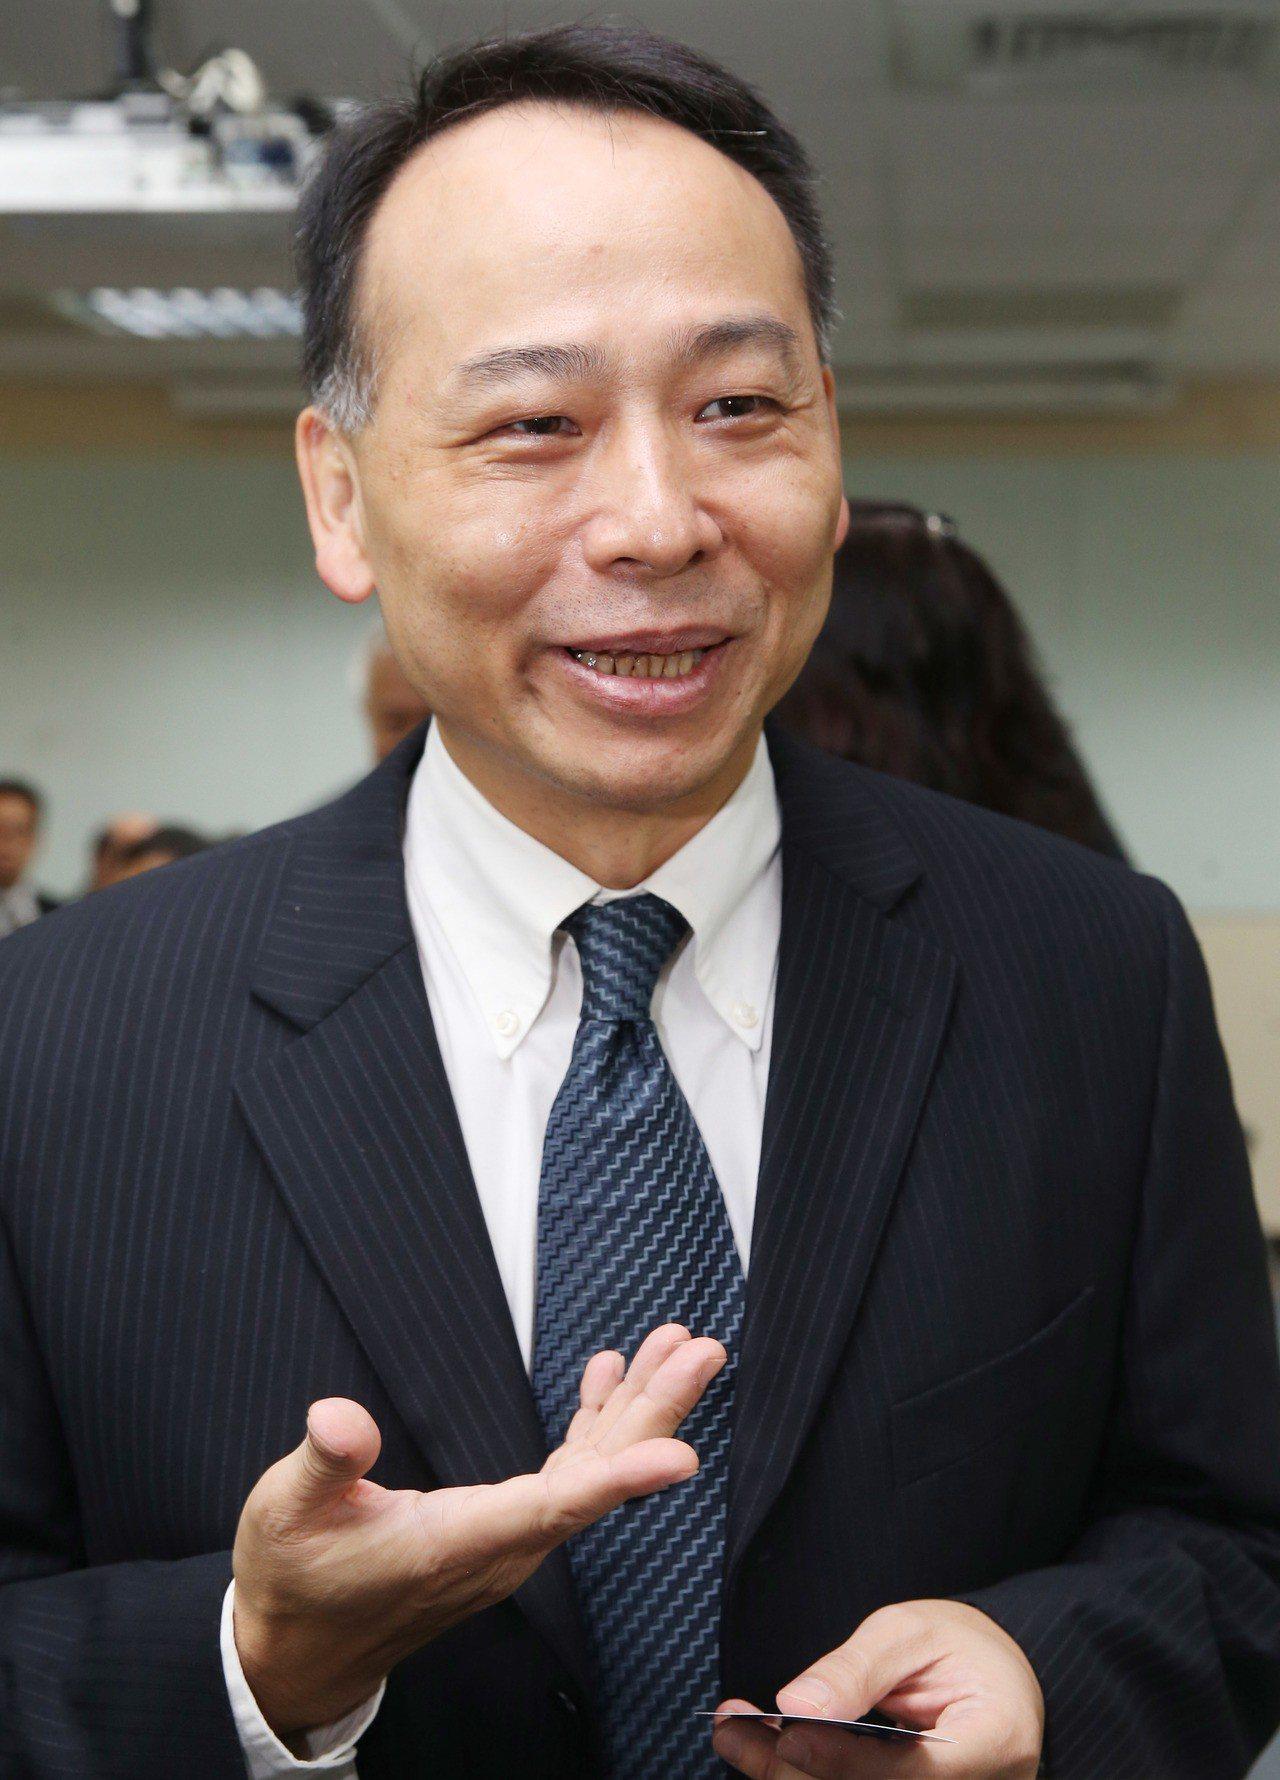 資策會執行長于孝斌遭爆和女部屬不倫戀,今日上午已請辭。 報系資料照